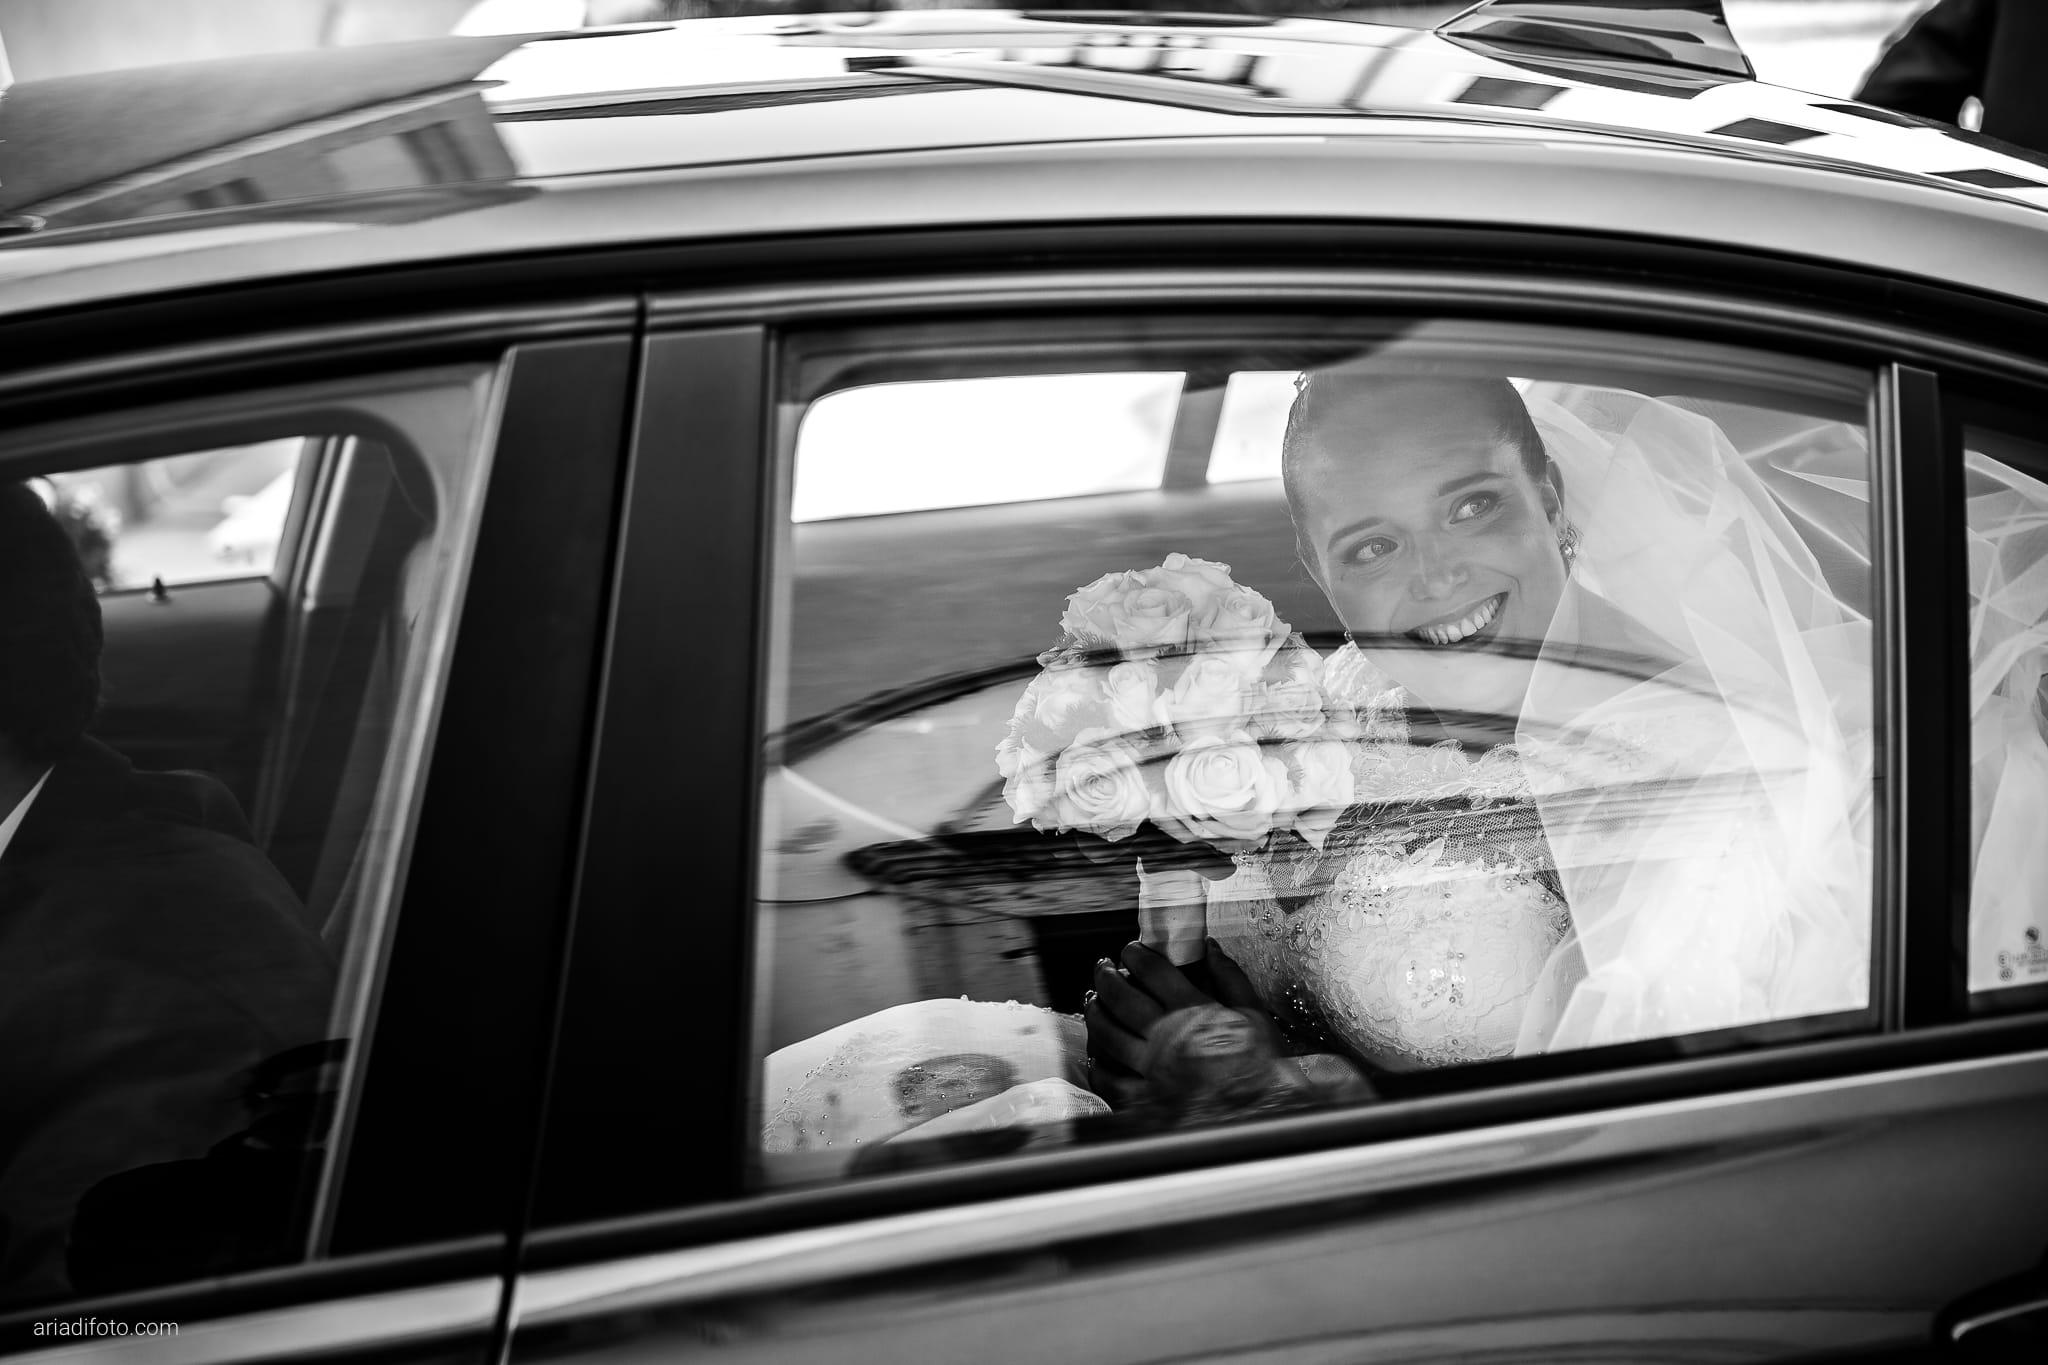 Eleonora Andrea Matrimonio Chiesa San Tiziano Vescovo Francenigo di Gaiarine Castello Papadopoli Giol San Polo Piave Treviso cerimonia ingresso sposa auto